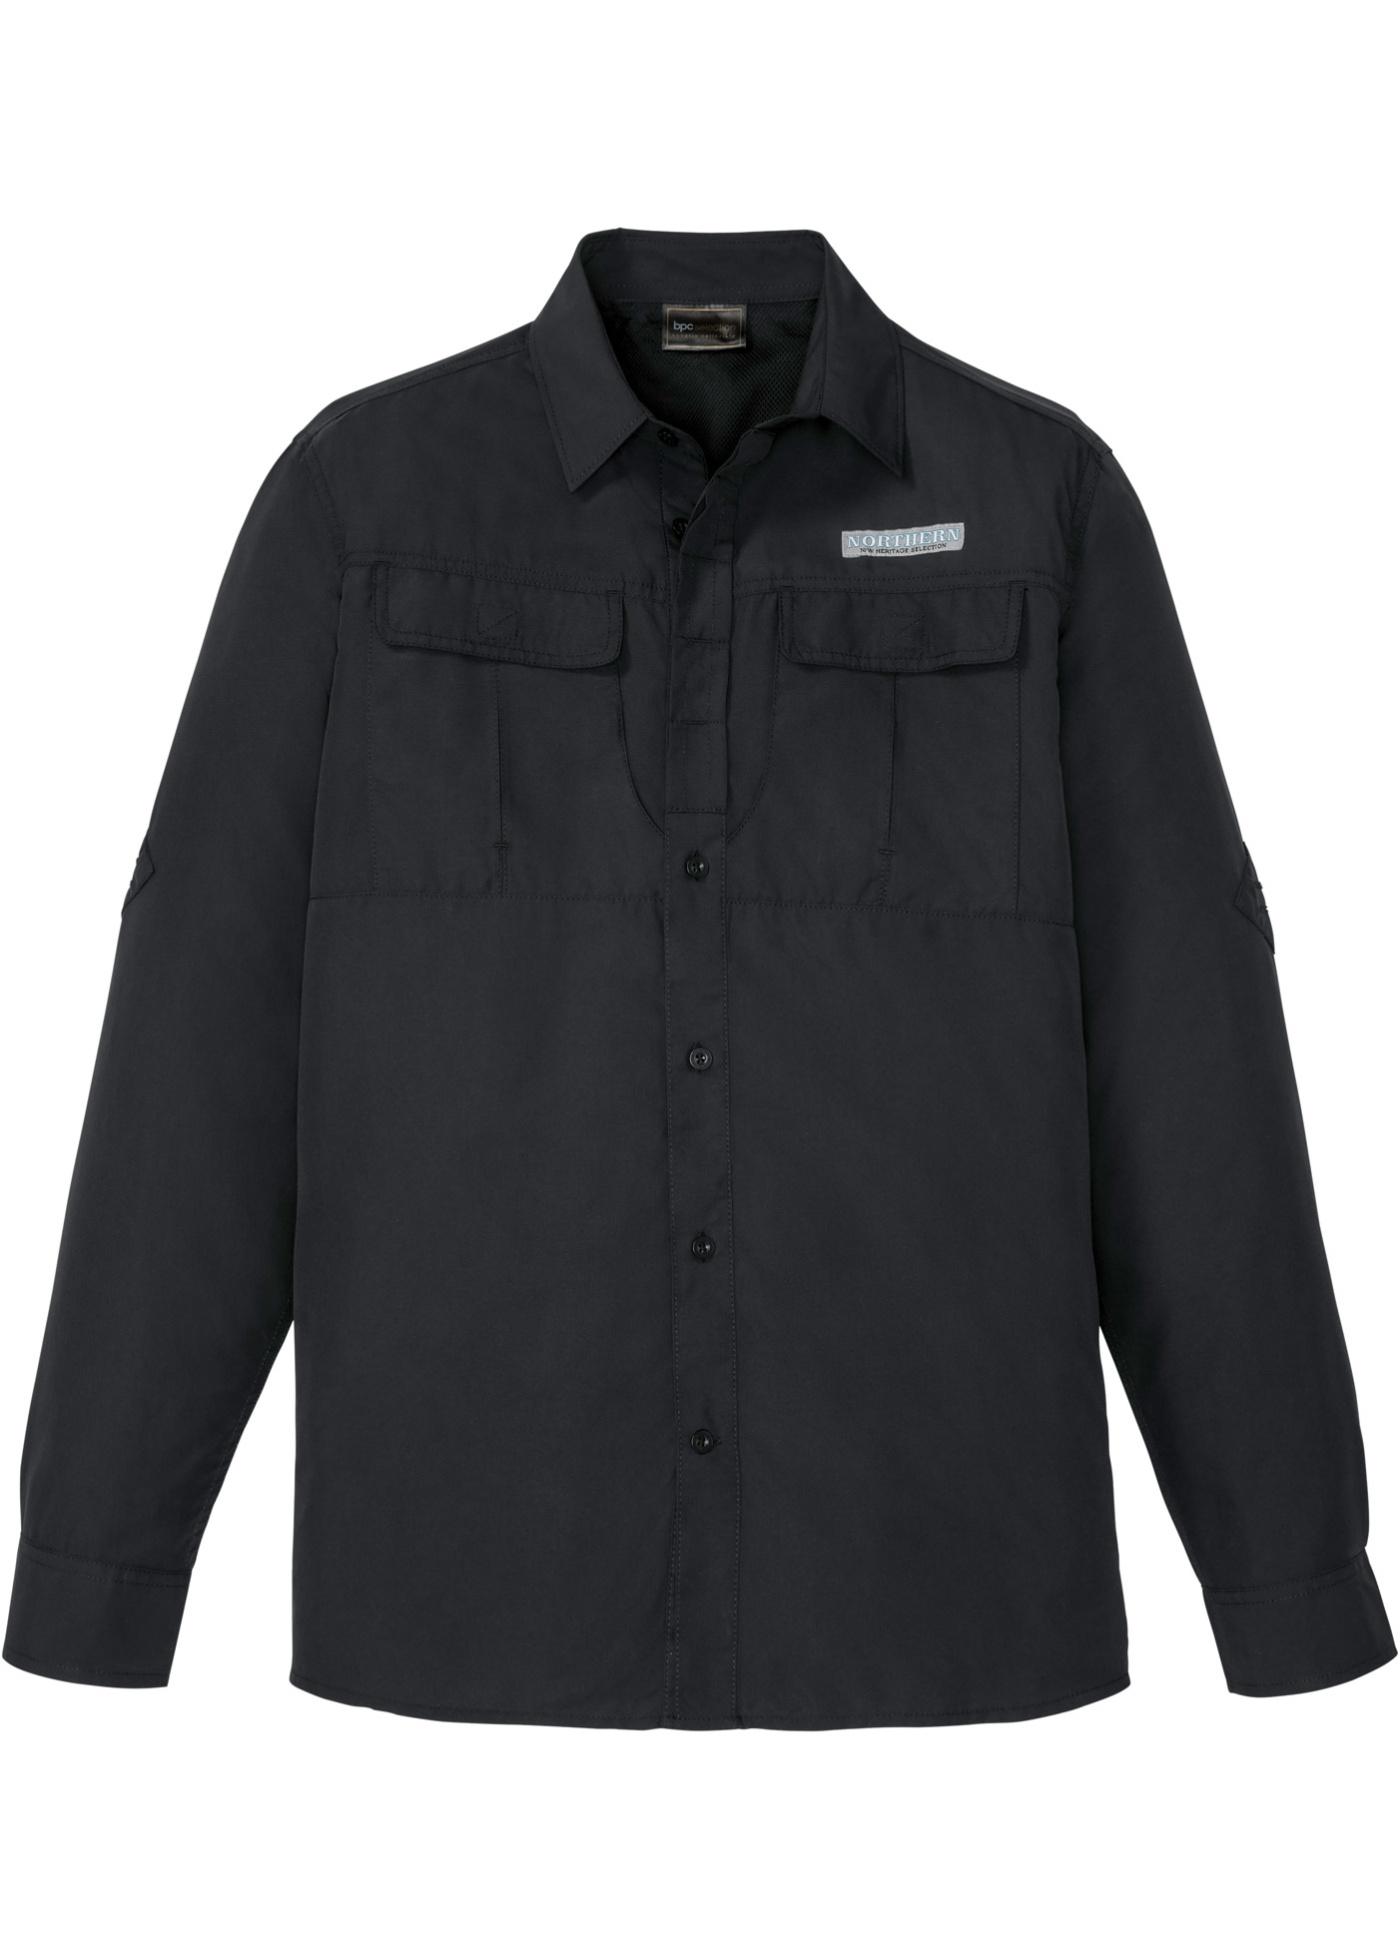 Funktions-Hemd langarm  in schwarz für Herren von bonprix